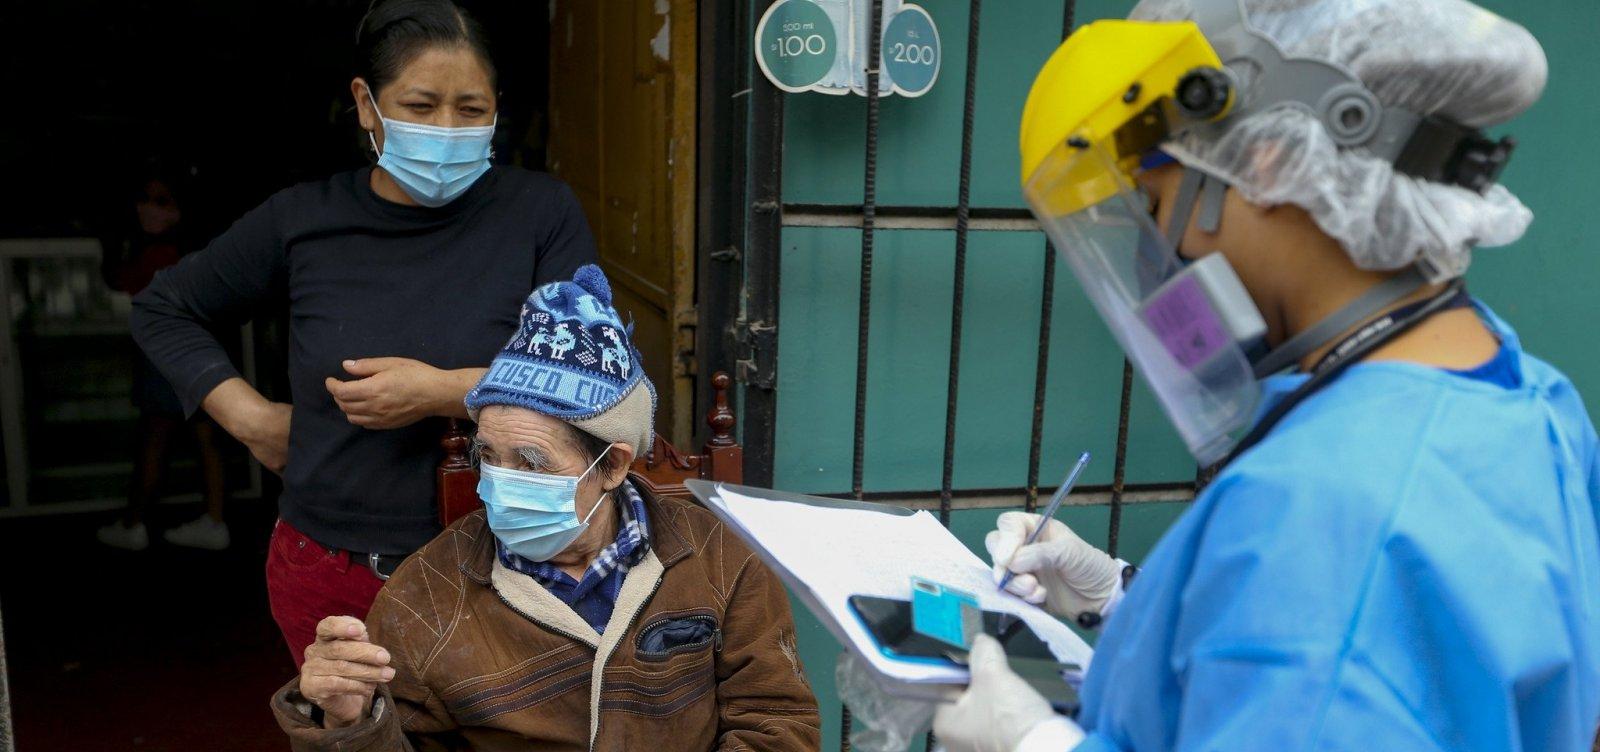 [Países fecham fronteiras e suspendem transportes para conter mutação do coronavírus]